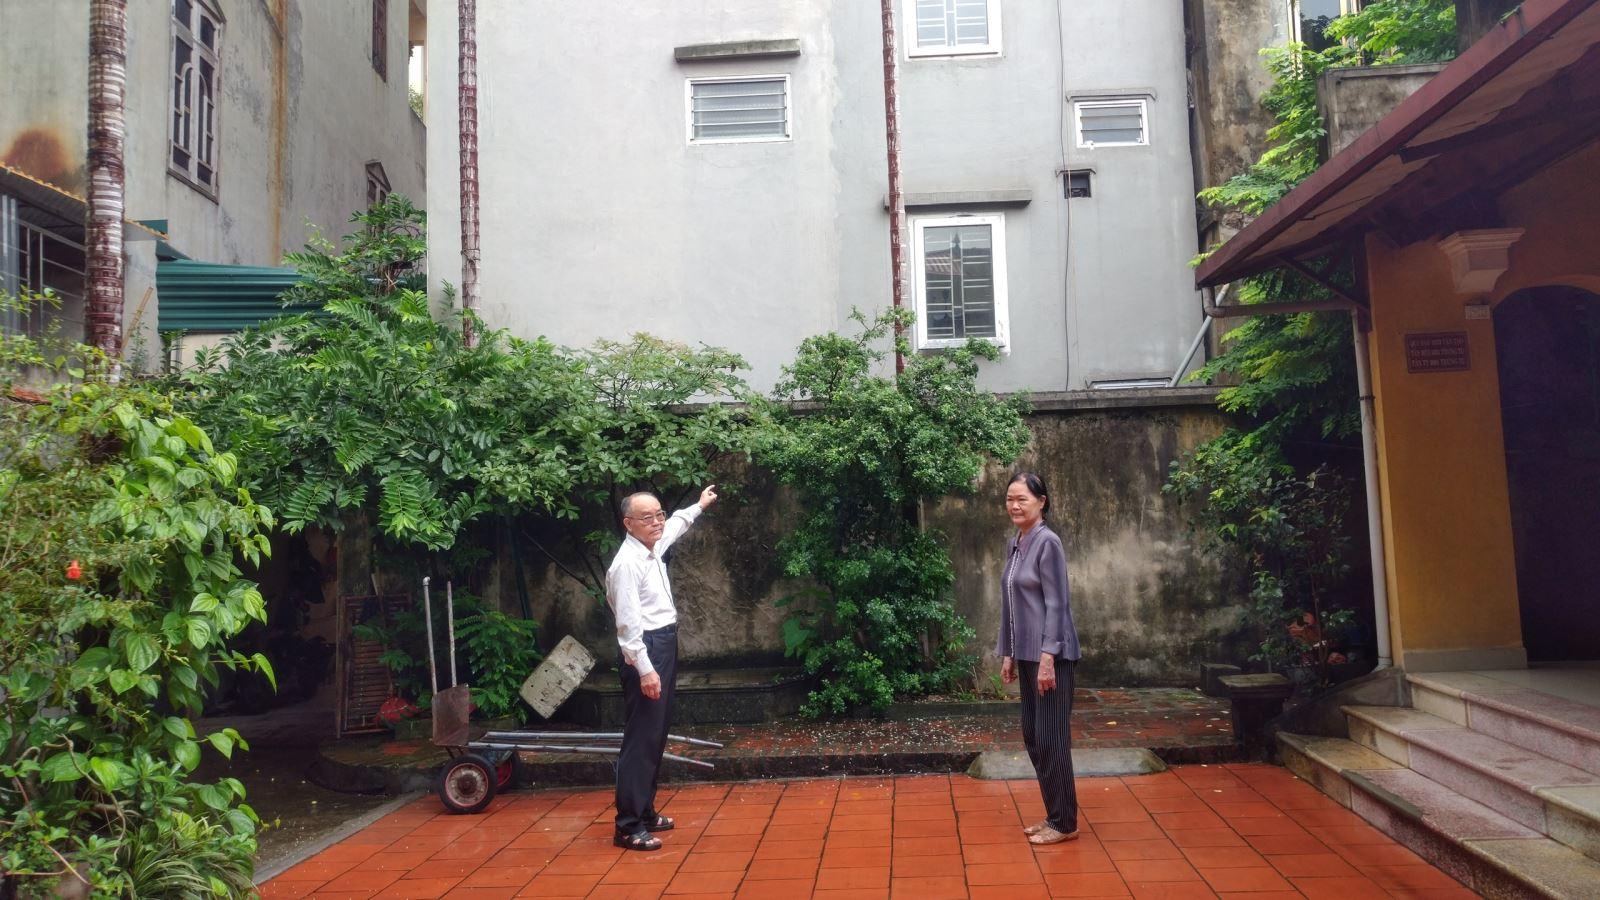 UBND xã Ninh Hiệp bán đất trái thẩm quyền cho cụ Đính cách hậu Điếm 4m (tức cánh tường nhà ông Tiệm là 4m) nhưng thực tế bà Minh (con gái cụ Đính) đã cho xây dựng nhà sát tường khu nhà thờ của gia đình ông Tiệm.